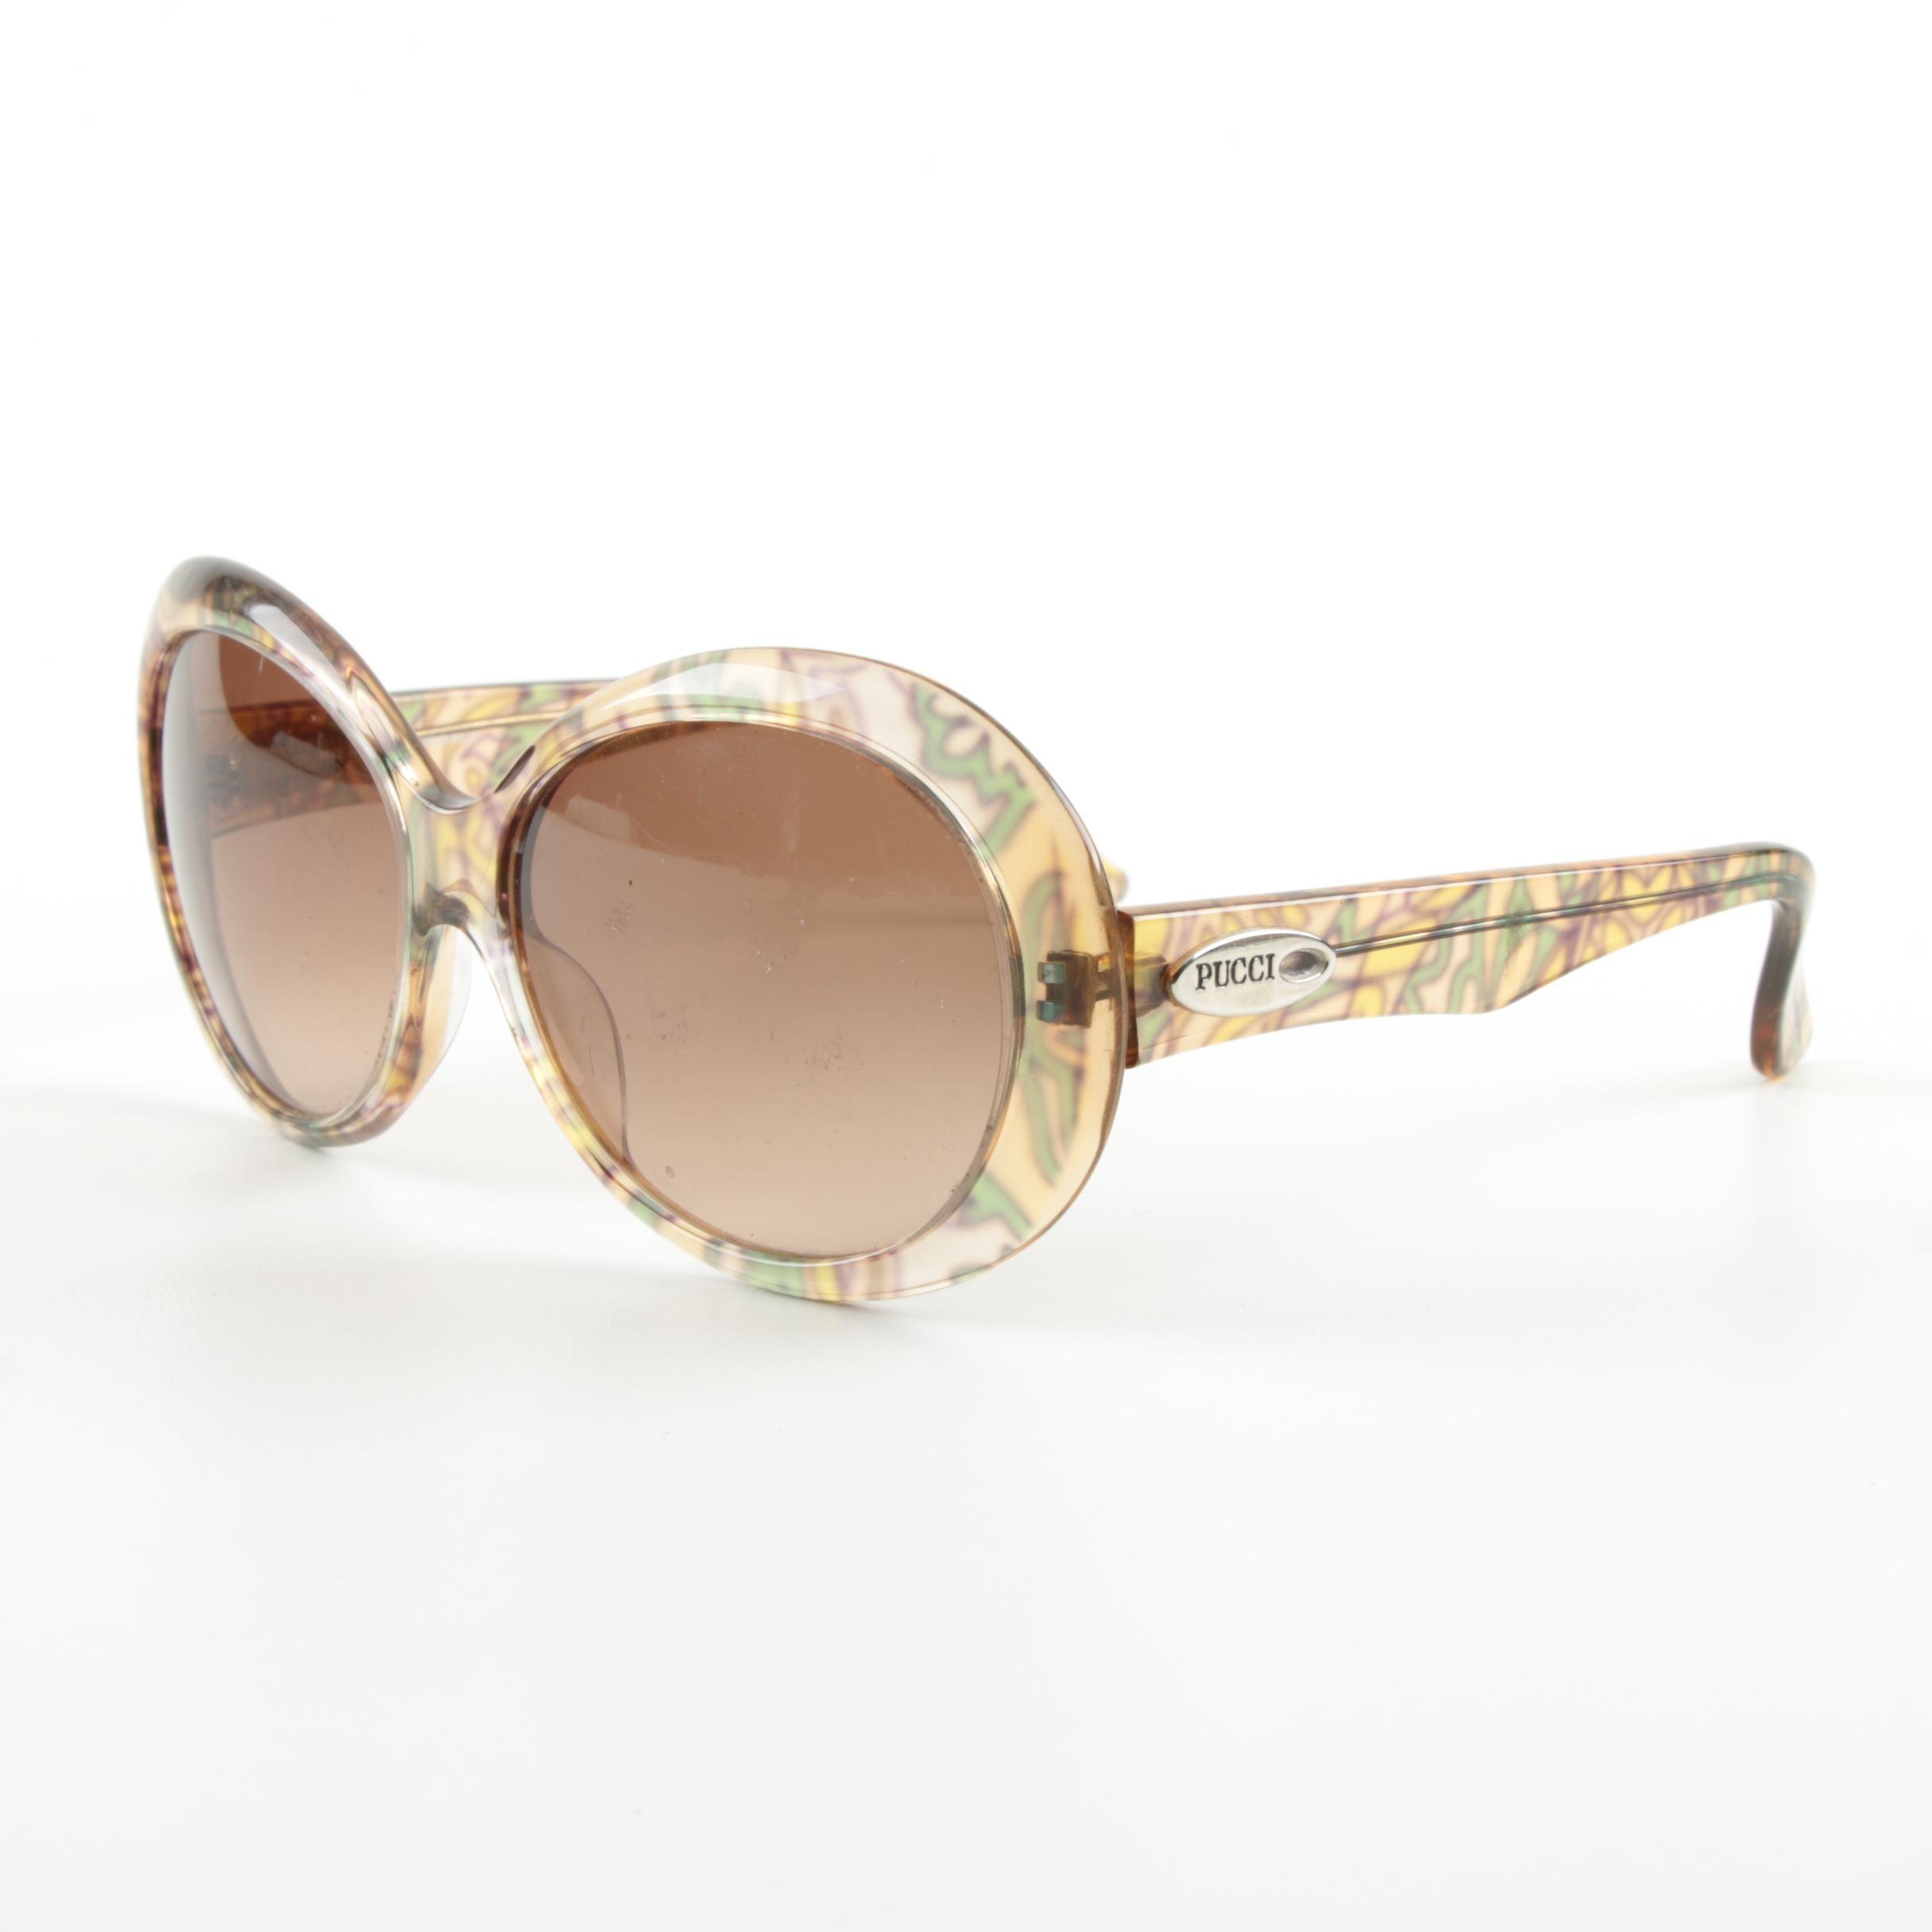 Women's Emilio Pucci EP629S 278 Sunglasses